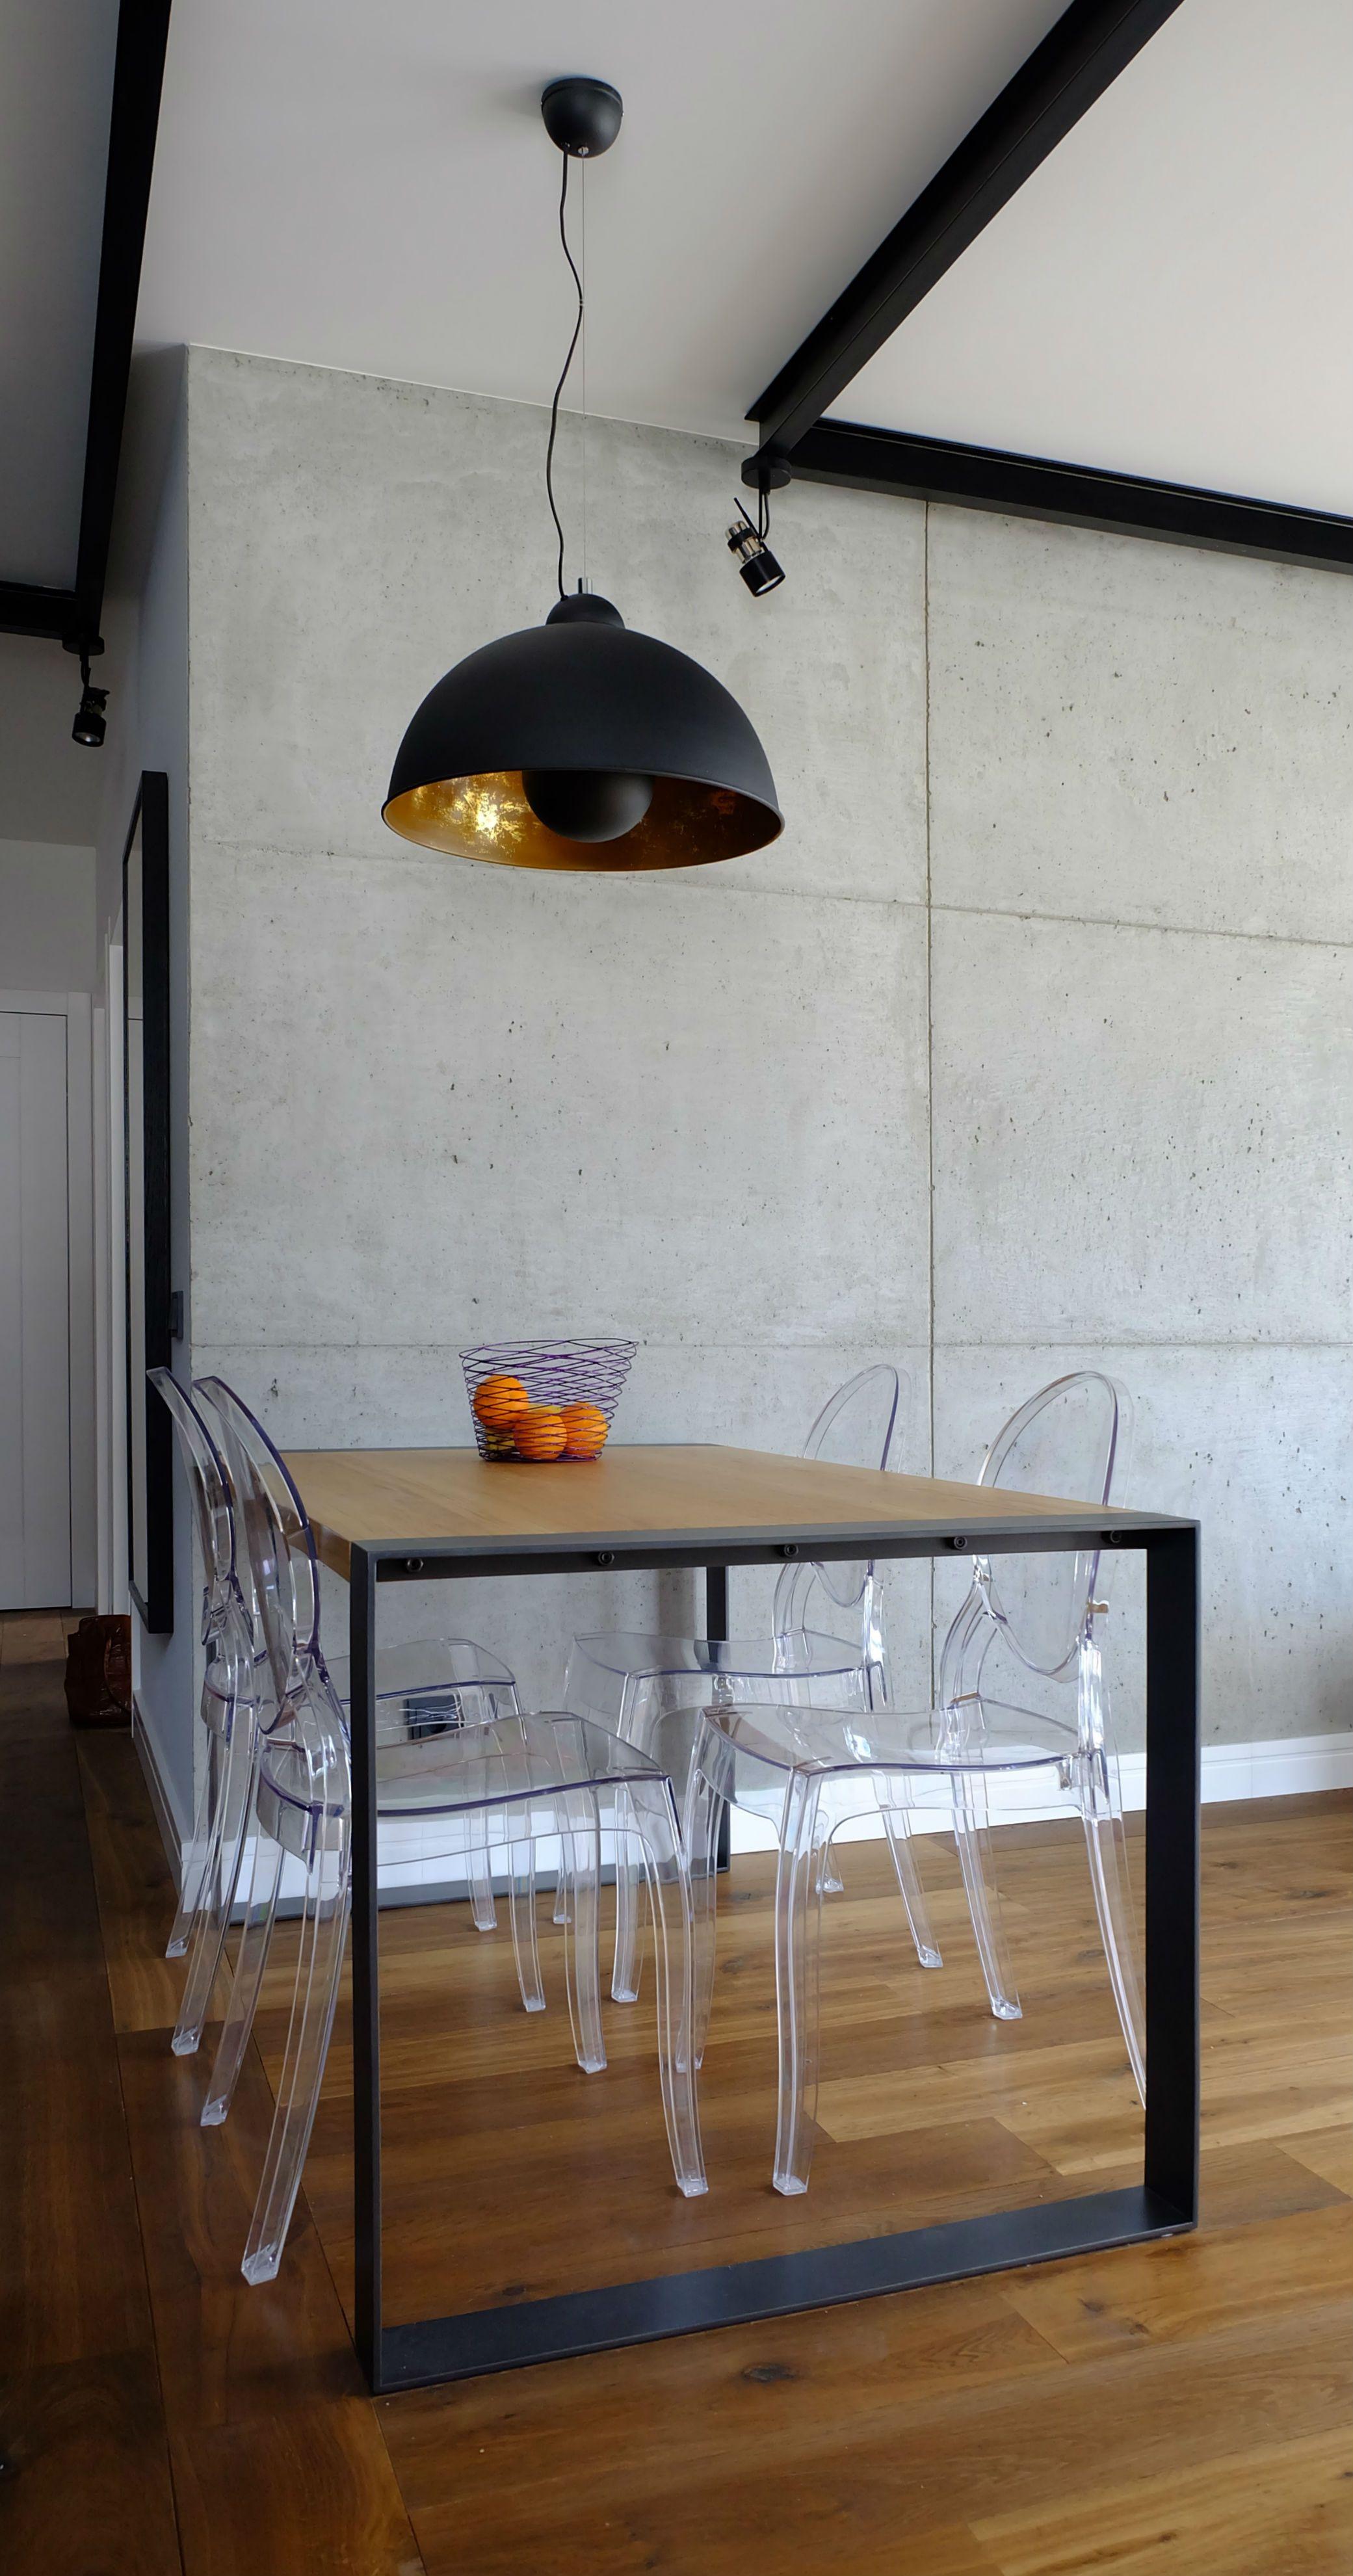 Salon z betonową ścianą. Idustraialny stół. Nad nim stalowa lampa ...